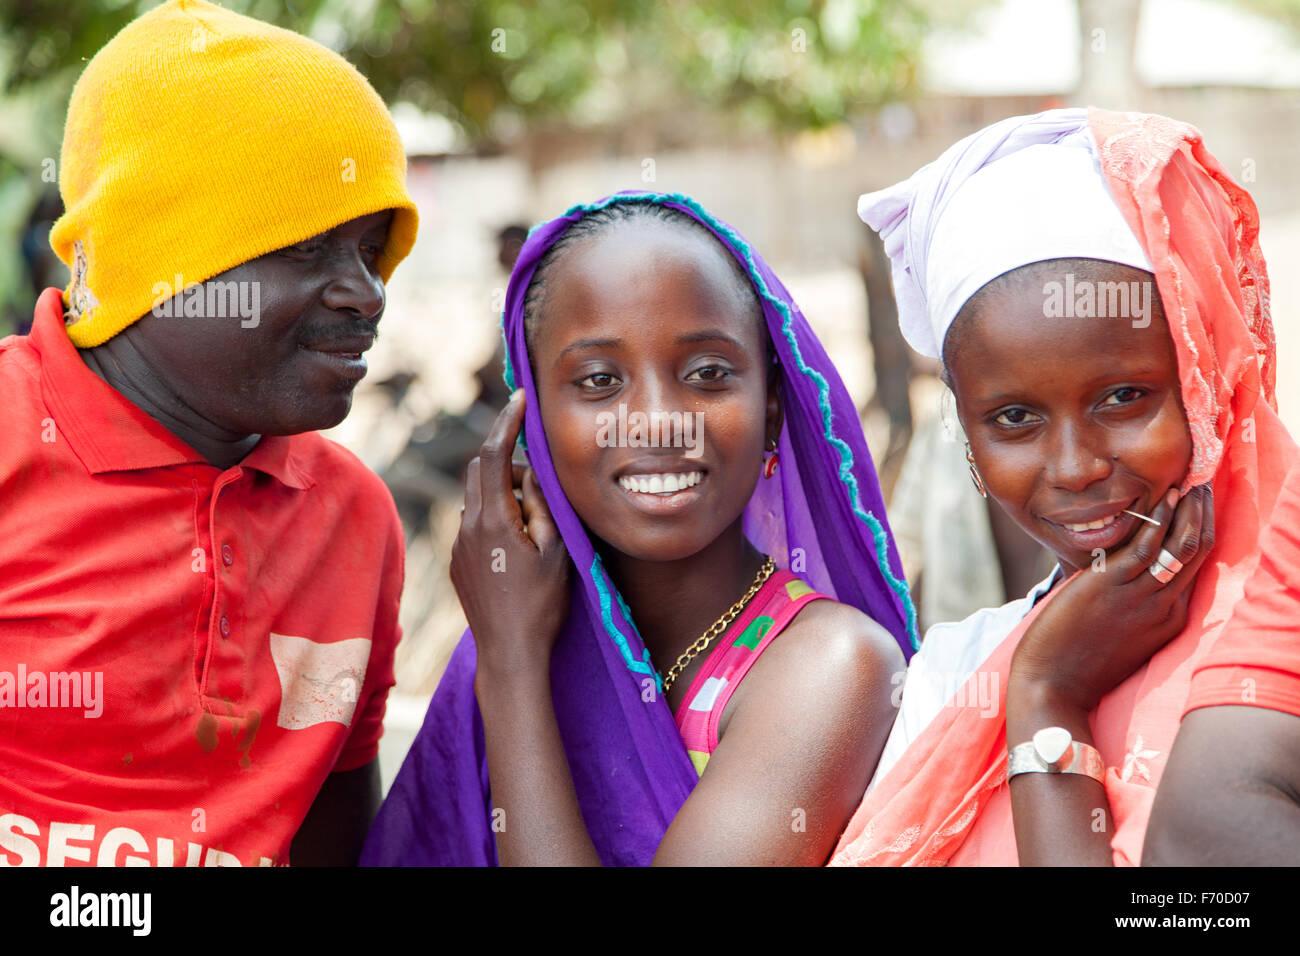 Gabu, GUINEA-BISSAU - 10 maggio 2014: uomo cercando di flirtare con due ragazze africane. daily scene rurali DALLA Immagini Stock